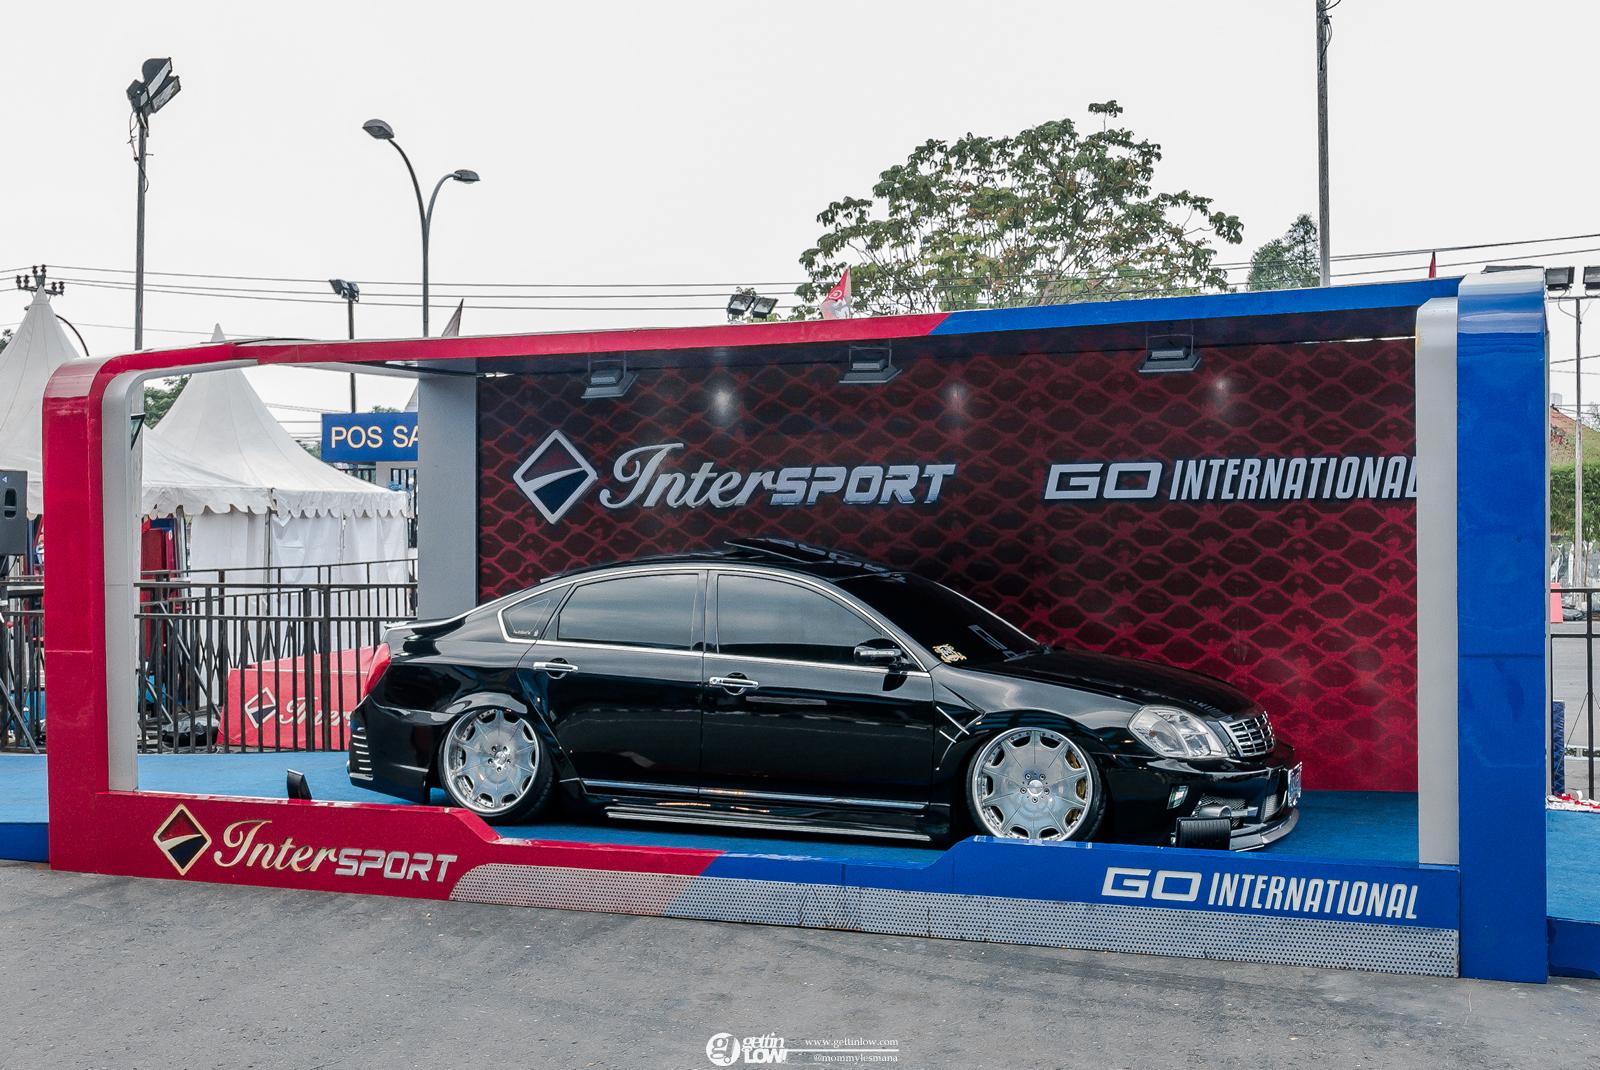 Intersport 2017 Jogjakarta